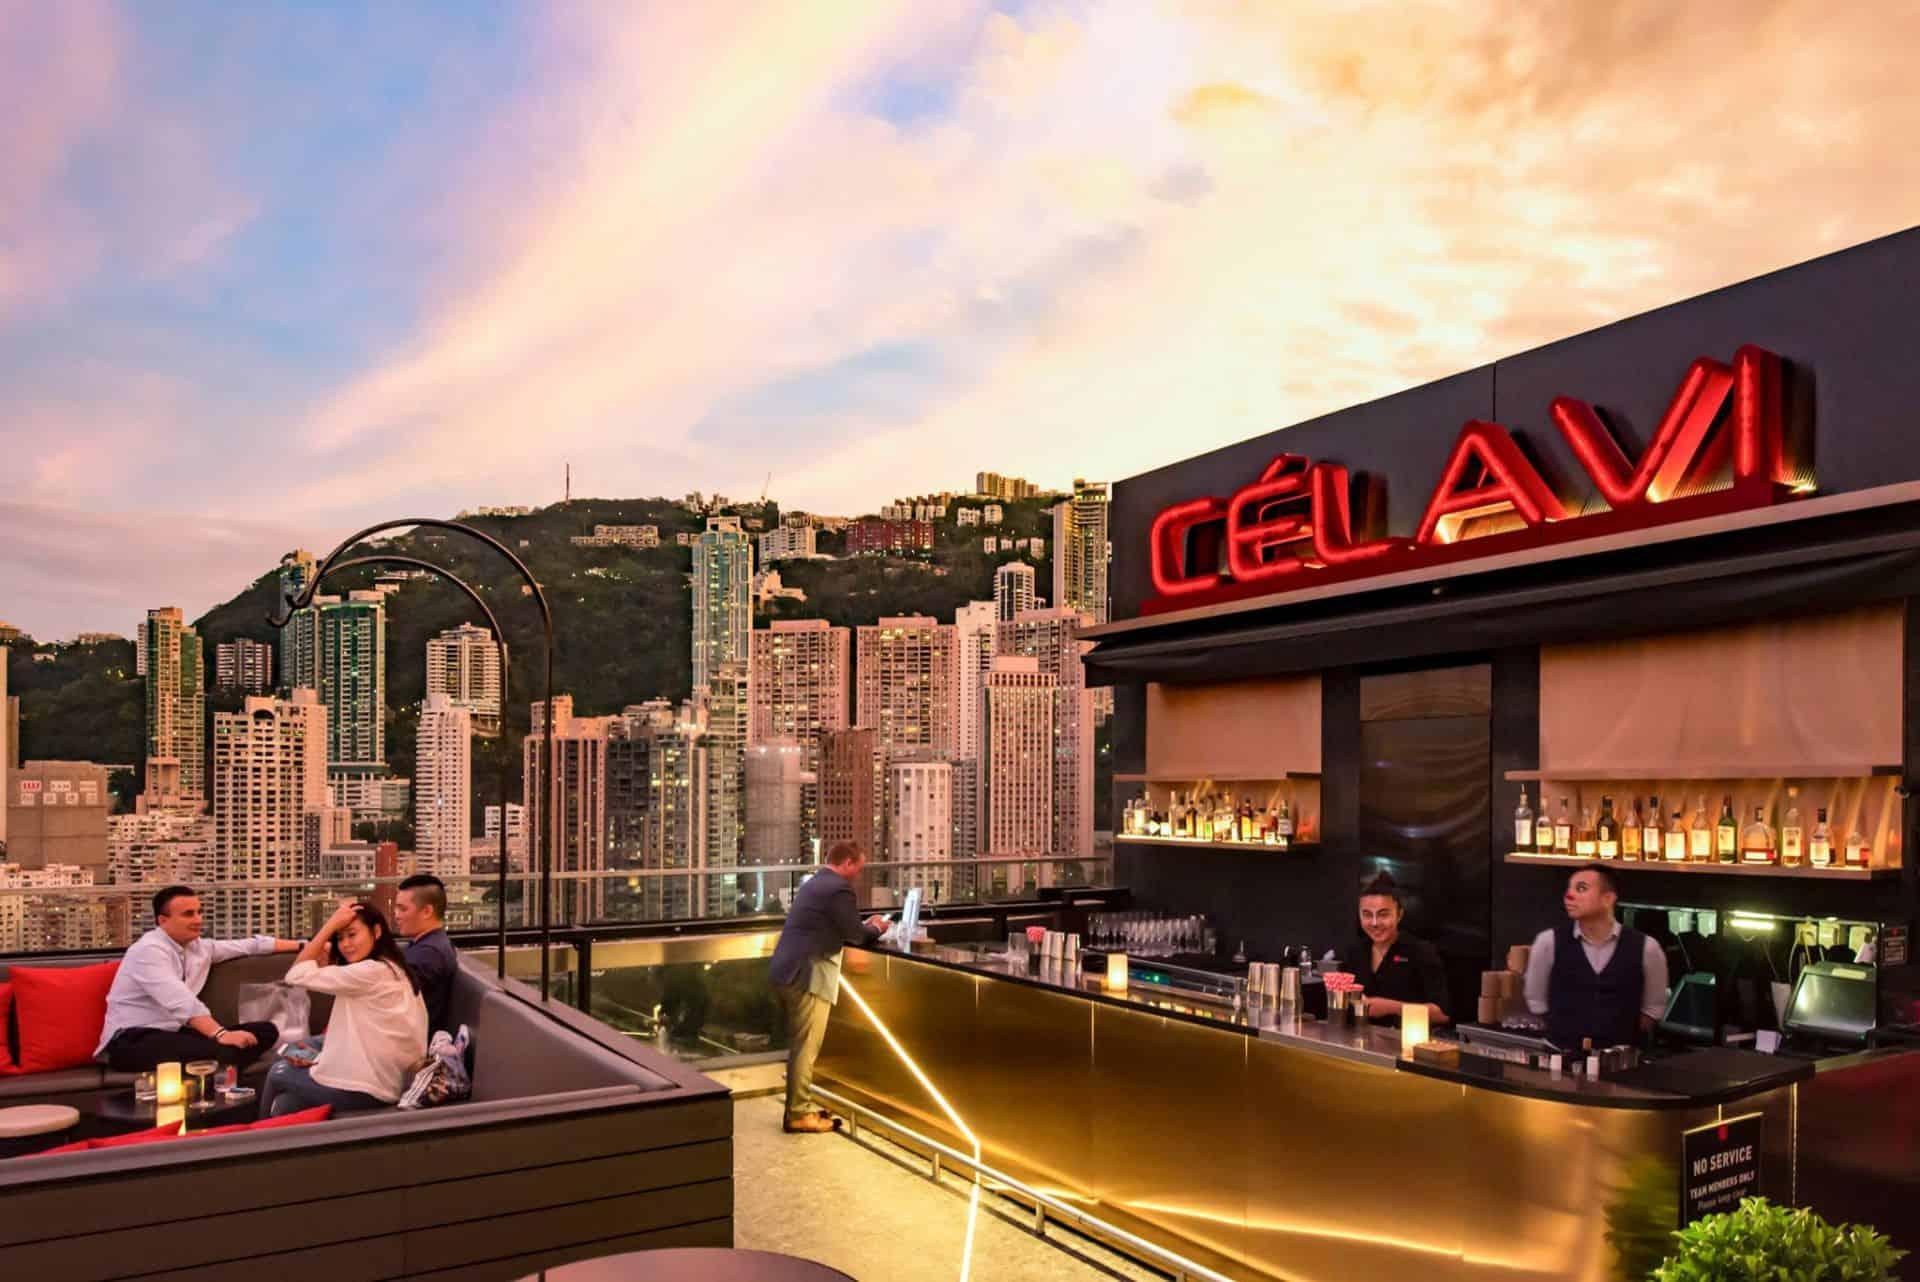 Ce La Vi Rooftop Bar Hong Kong